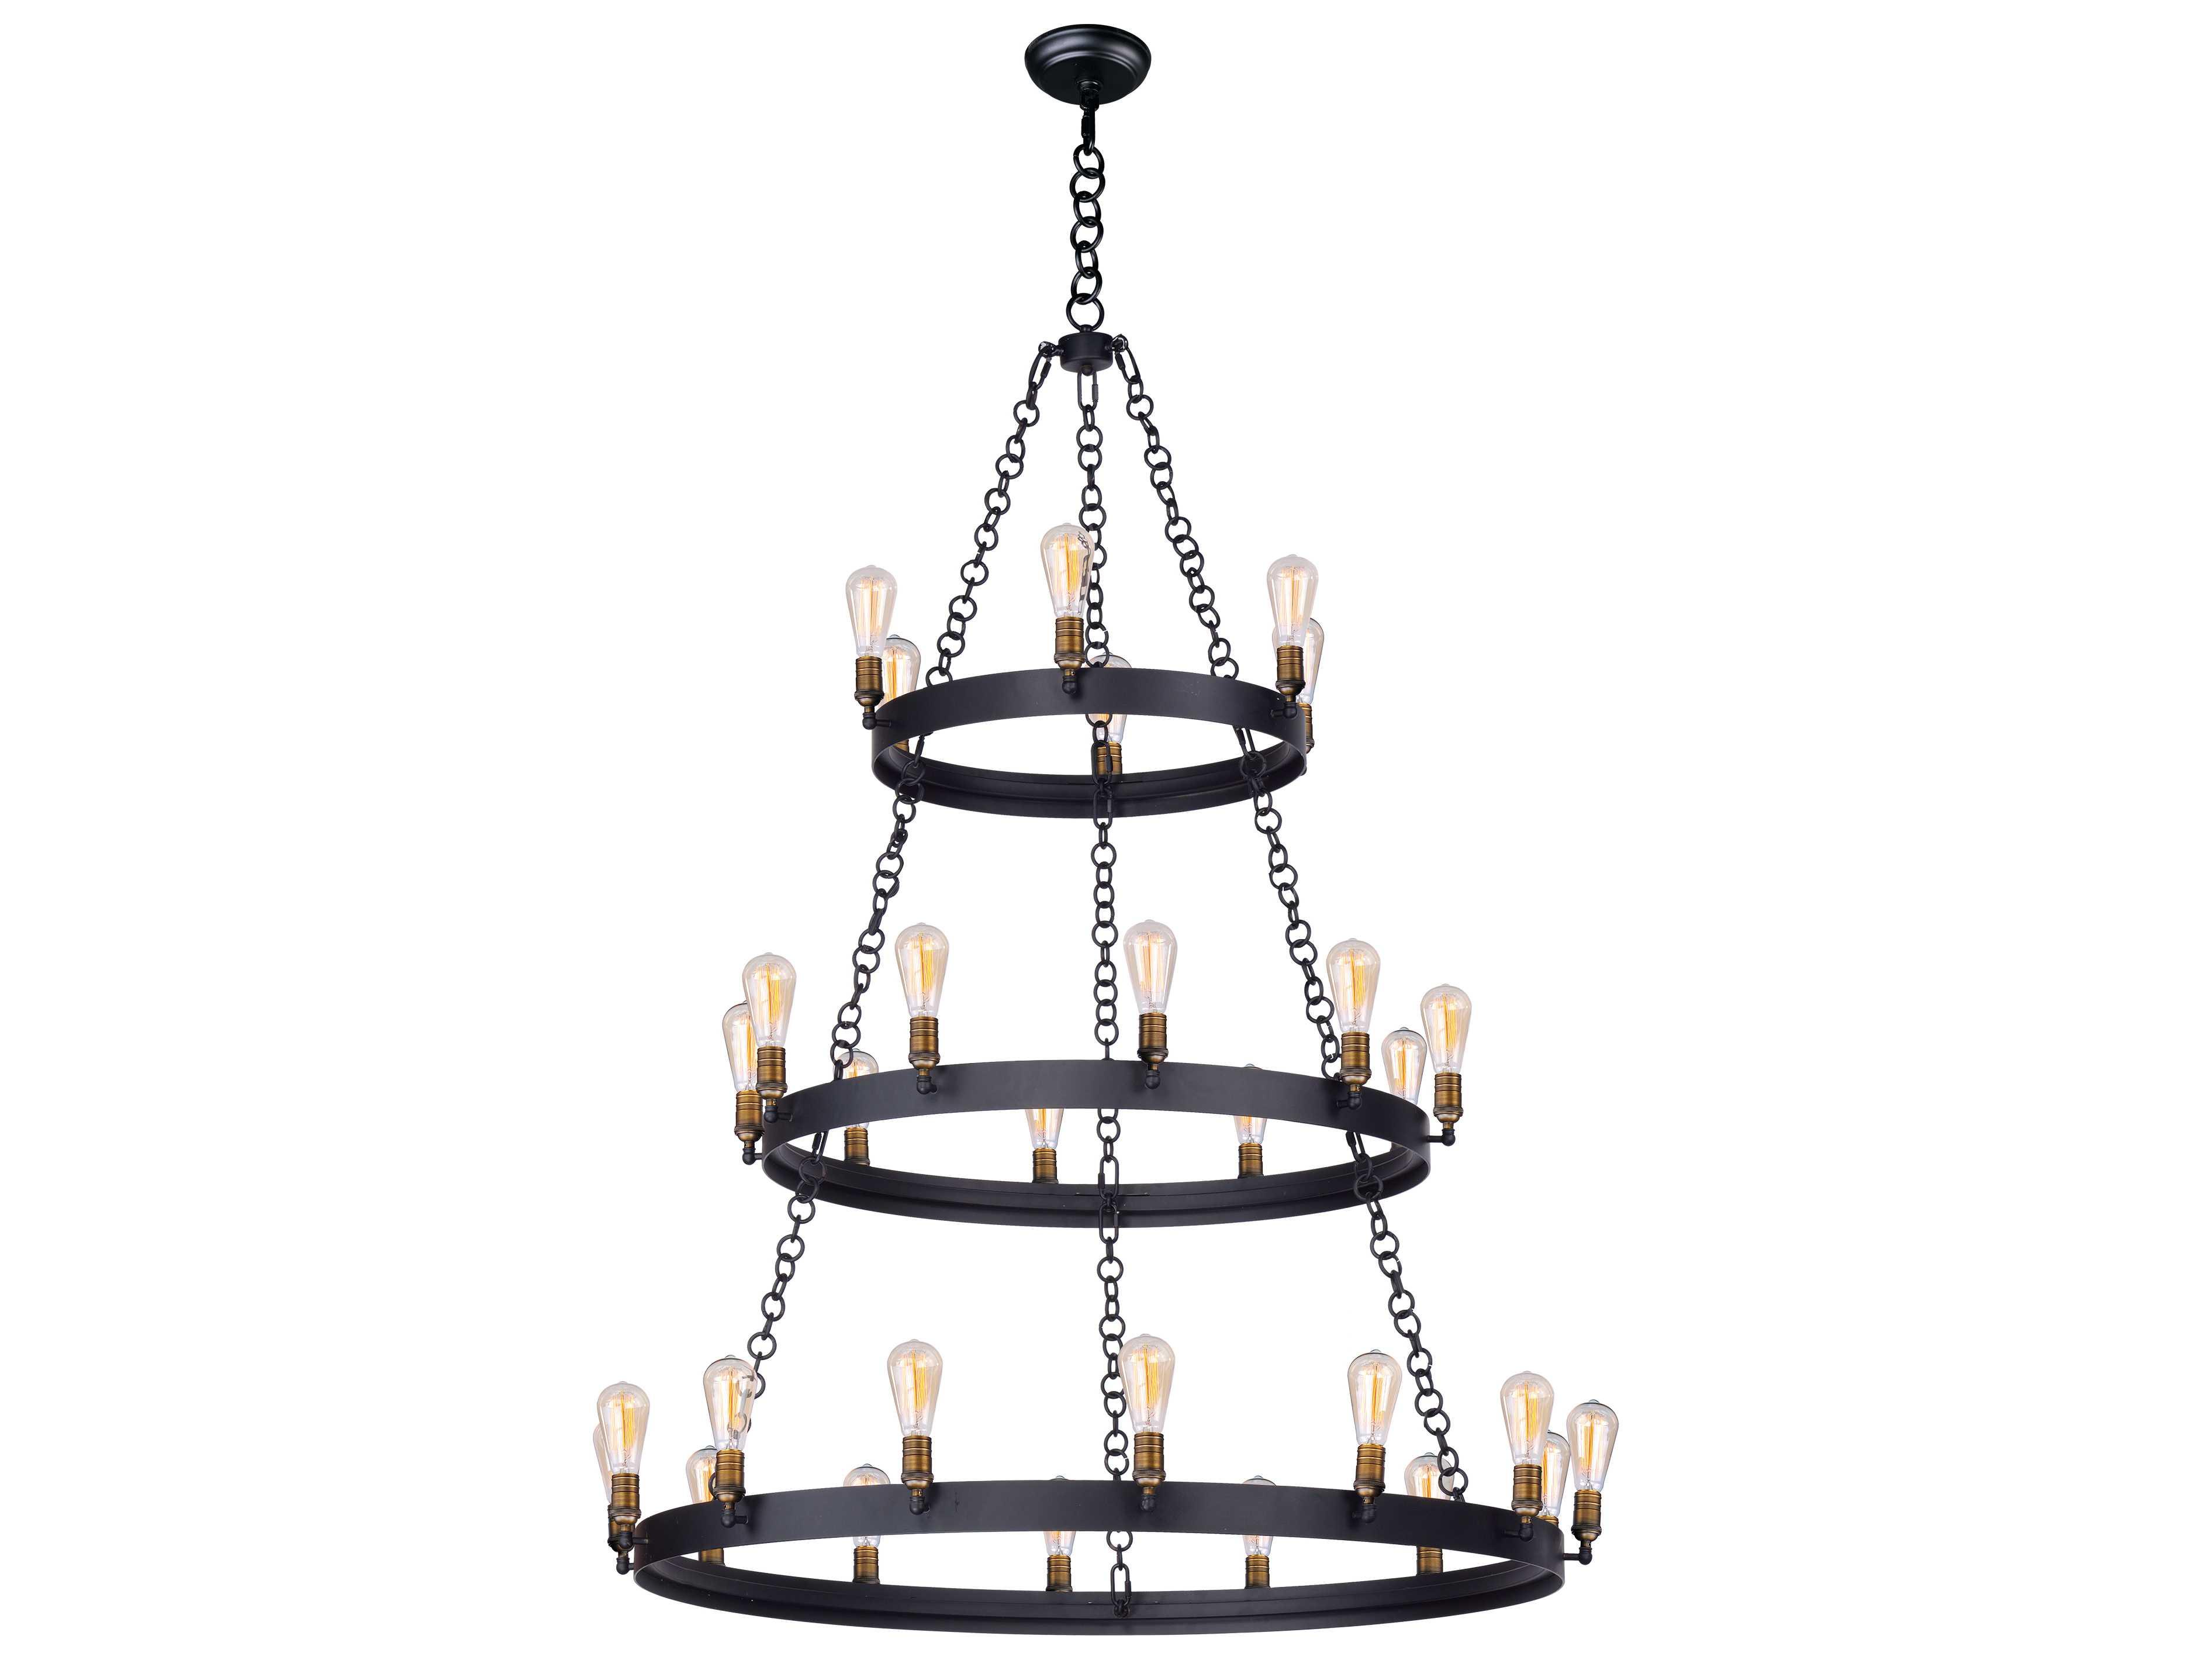 Maxim Lighting Noble Black Amp Natural Aged Brass 30 Light